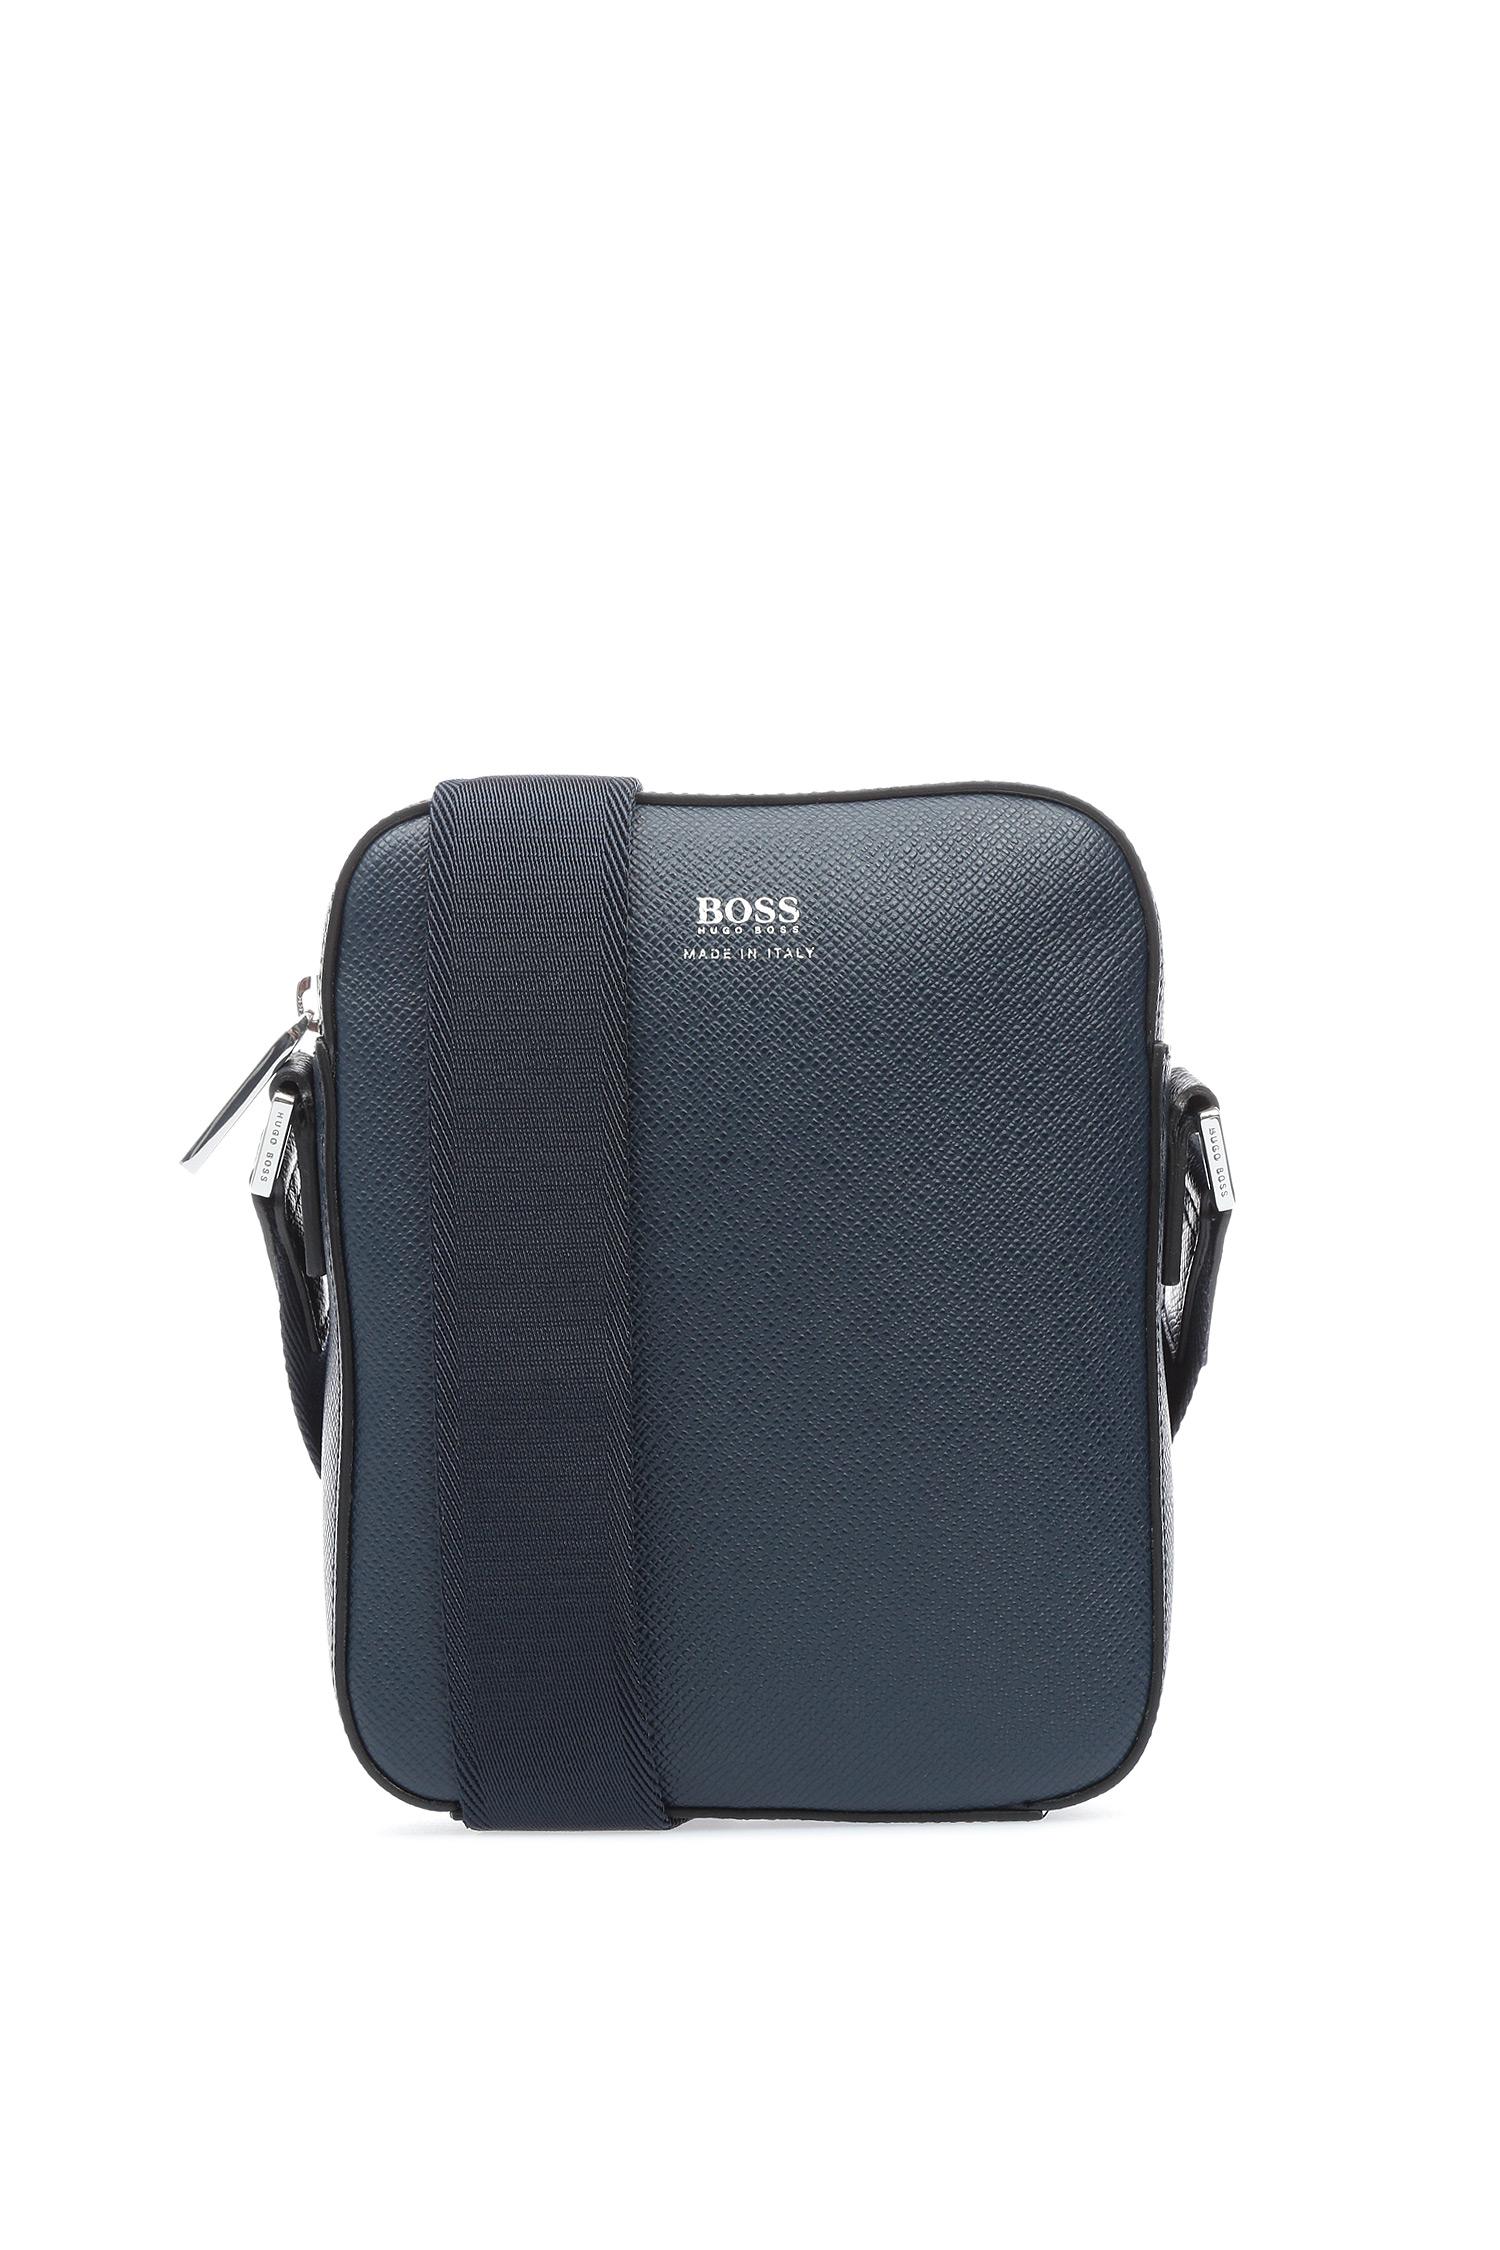 Мужская синяя кожаная сумка через плечо BOSS 50397229;401